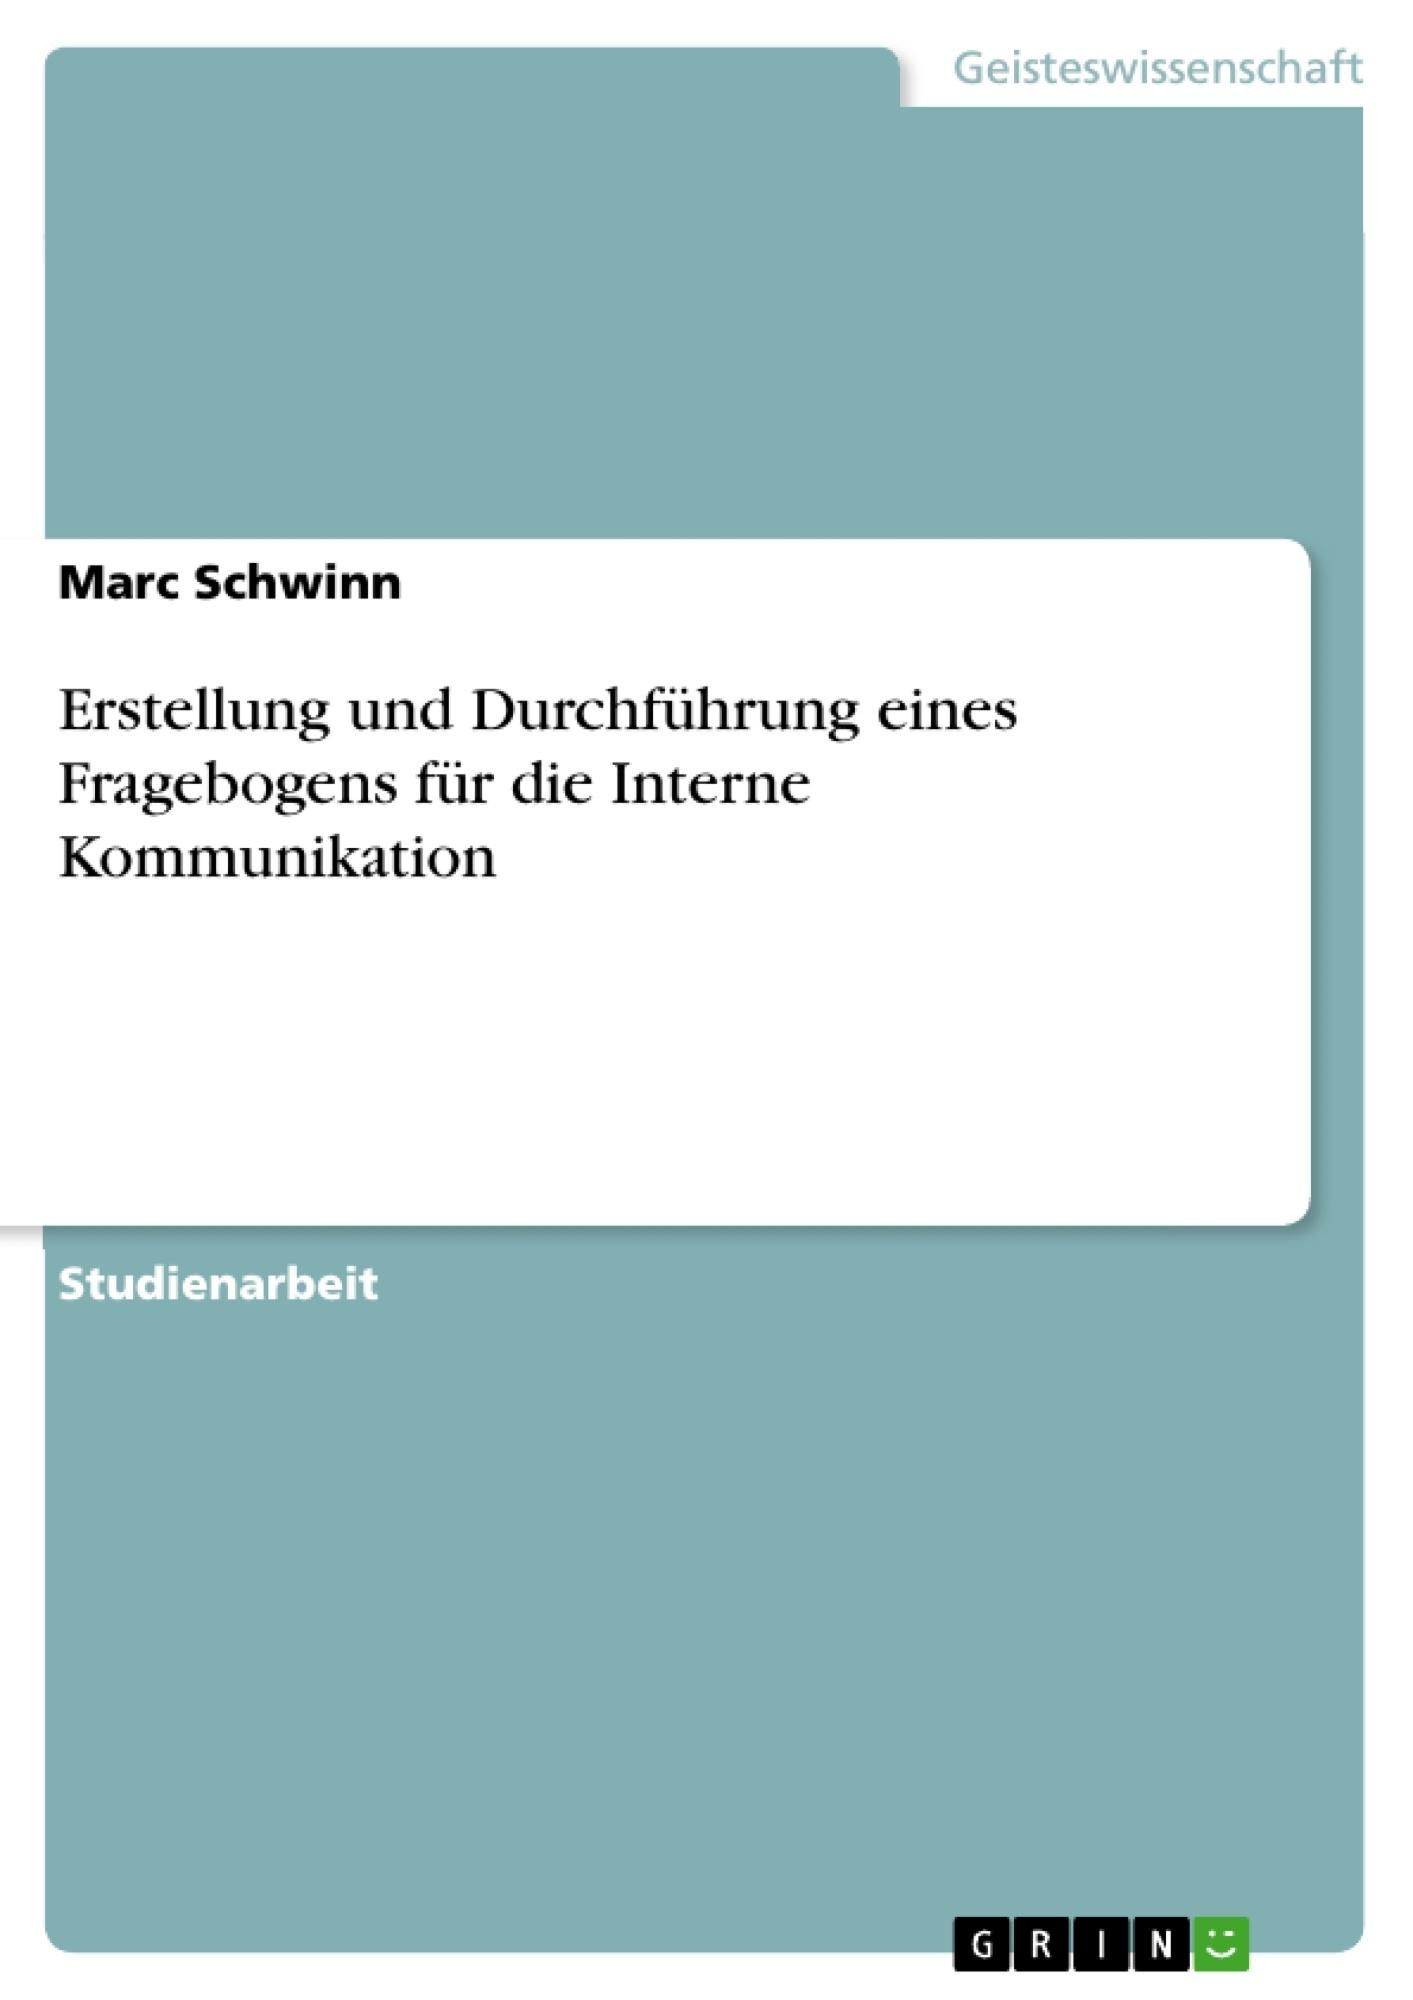 Titel: Erstellung und Durchführung eines Fragebogens für die Interne Kommunikation